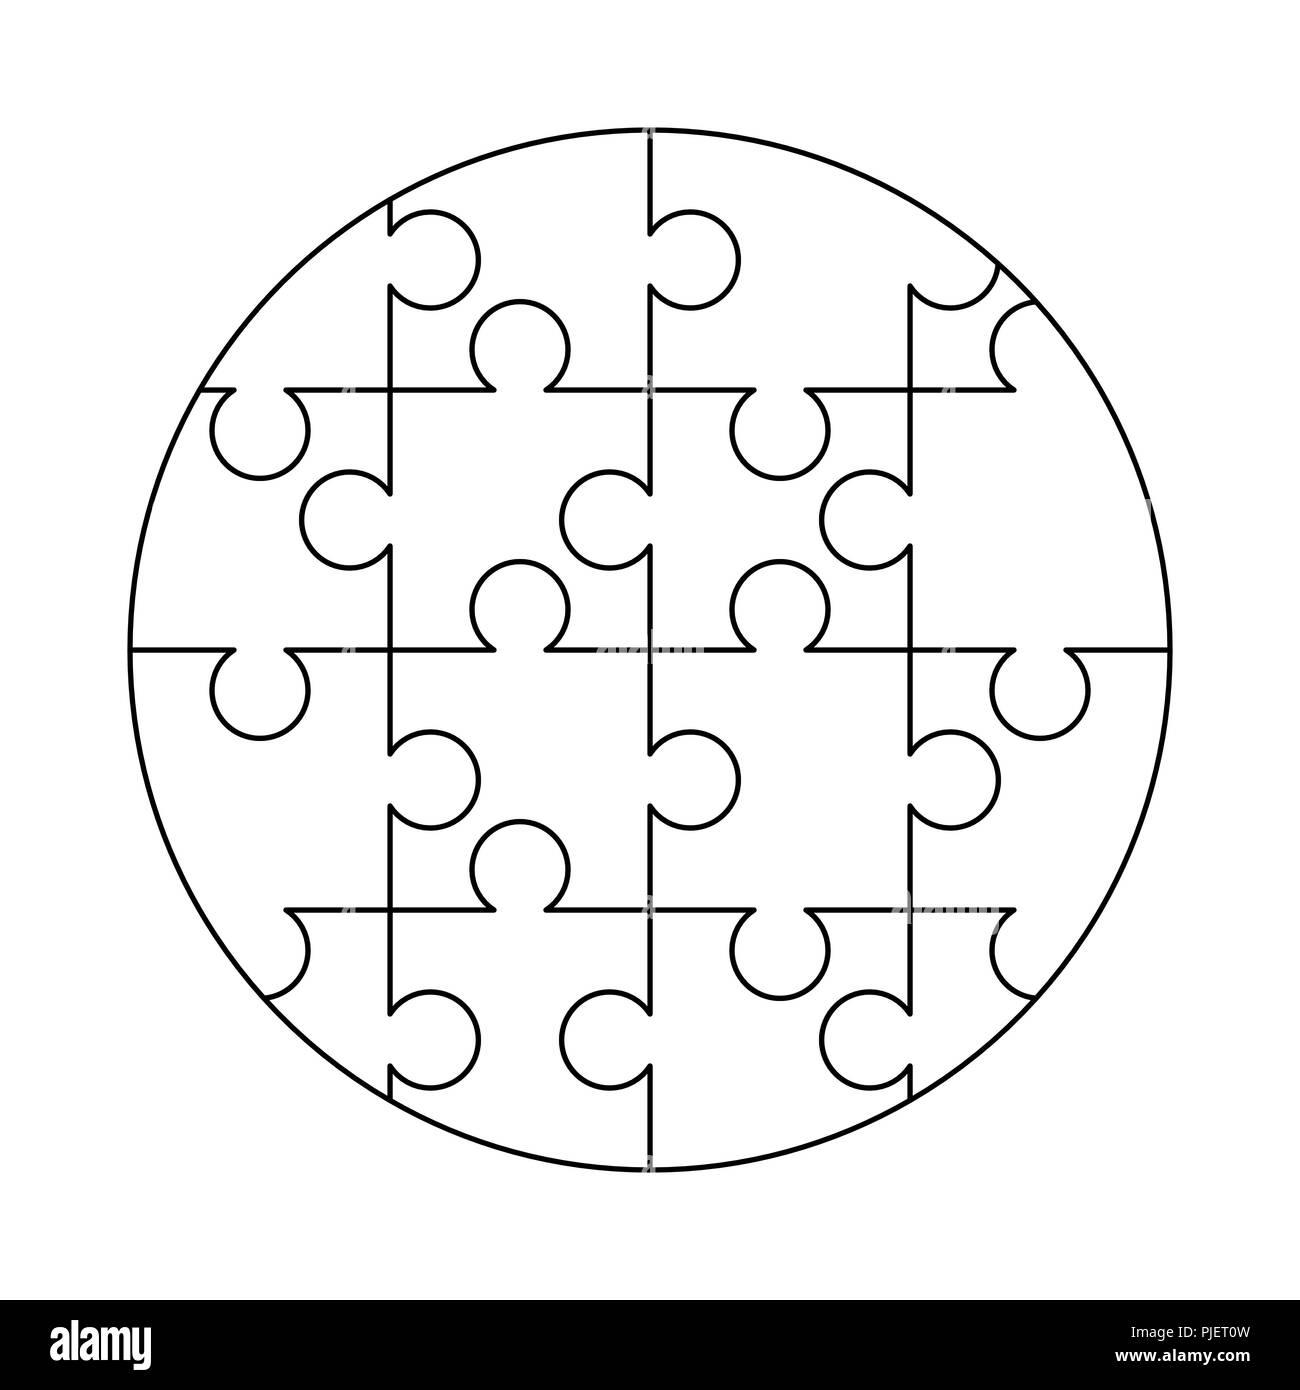 16 weißen Rätsel Stücke in eine runde Form angeordnet sind. Puzzle ...